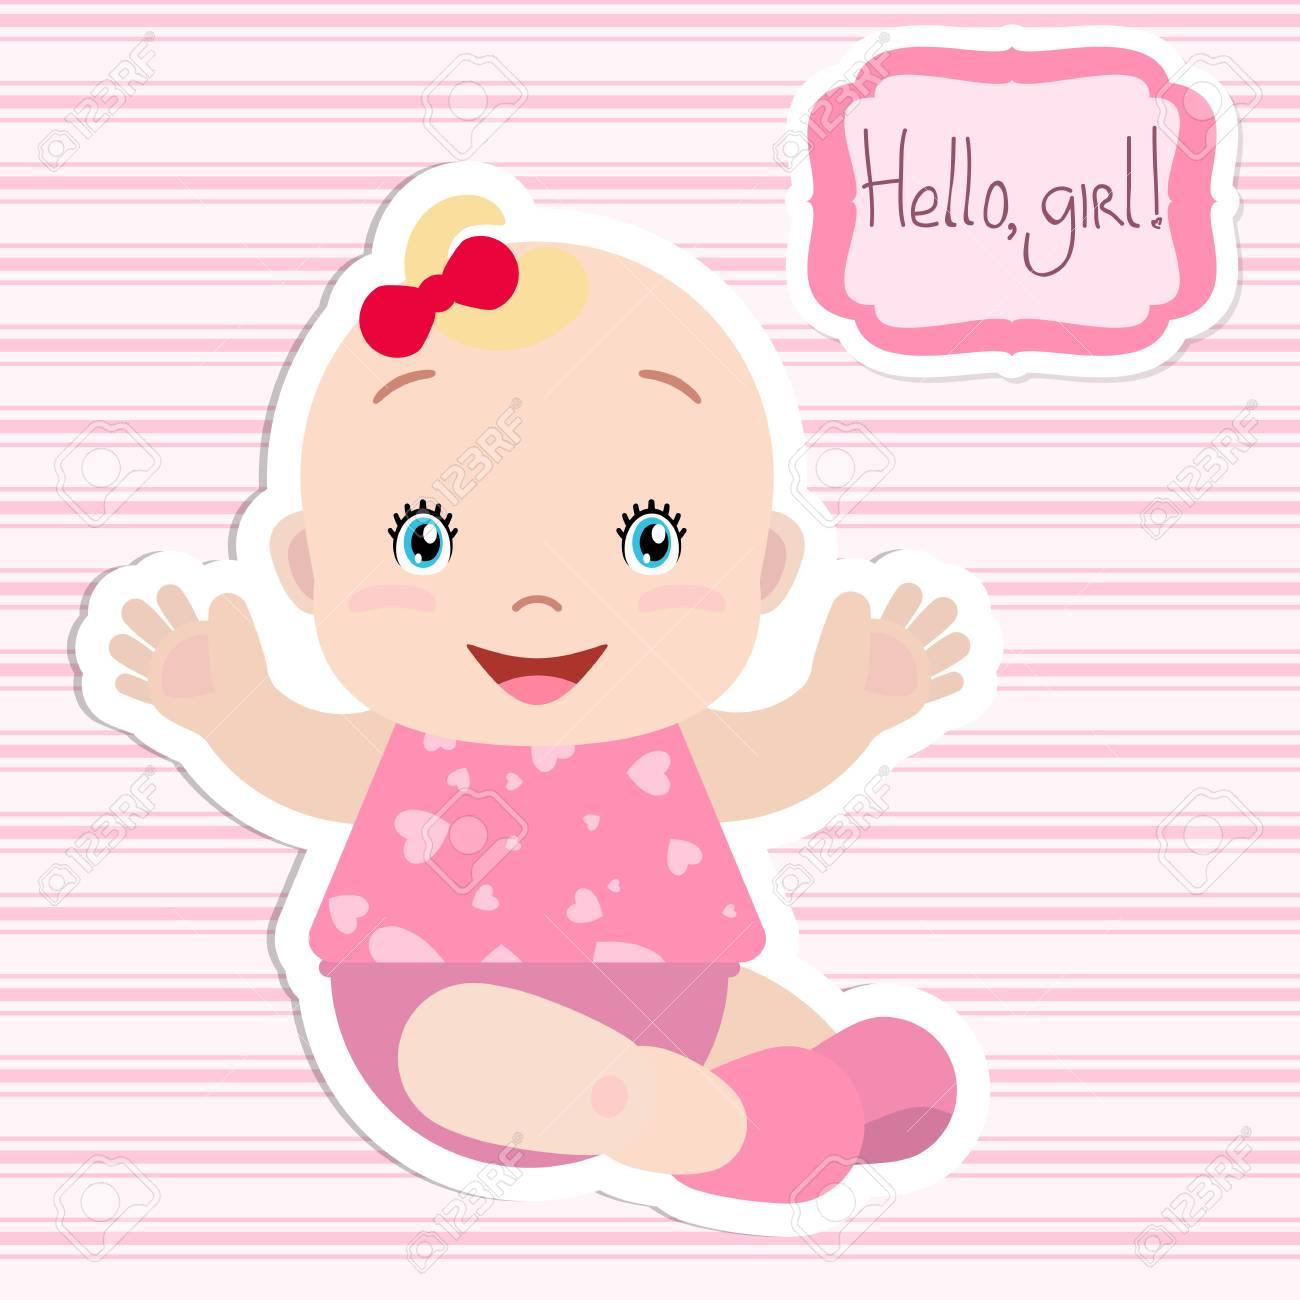 Niña Sentada Tendiendo Las Manos Sonriendo Un Marco Con Una Inscripción Tarjeta Invitación Baby Shower